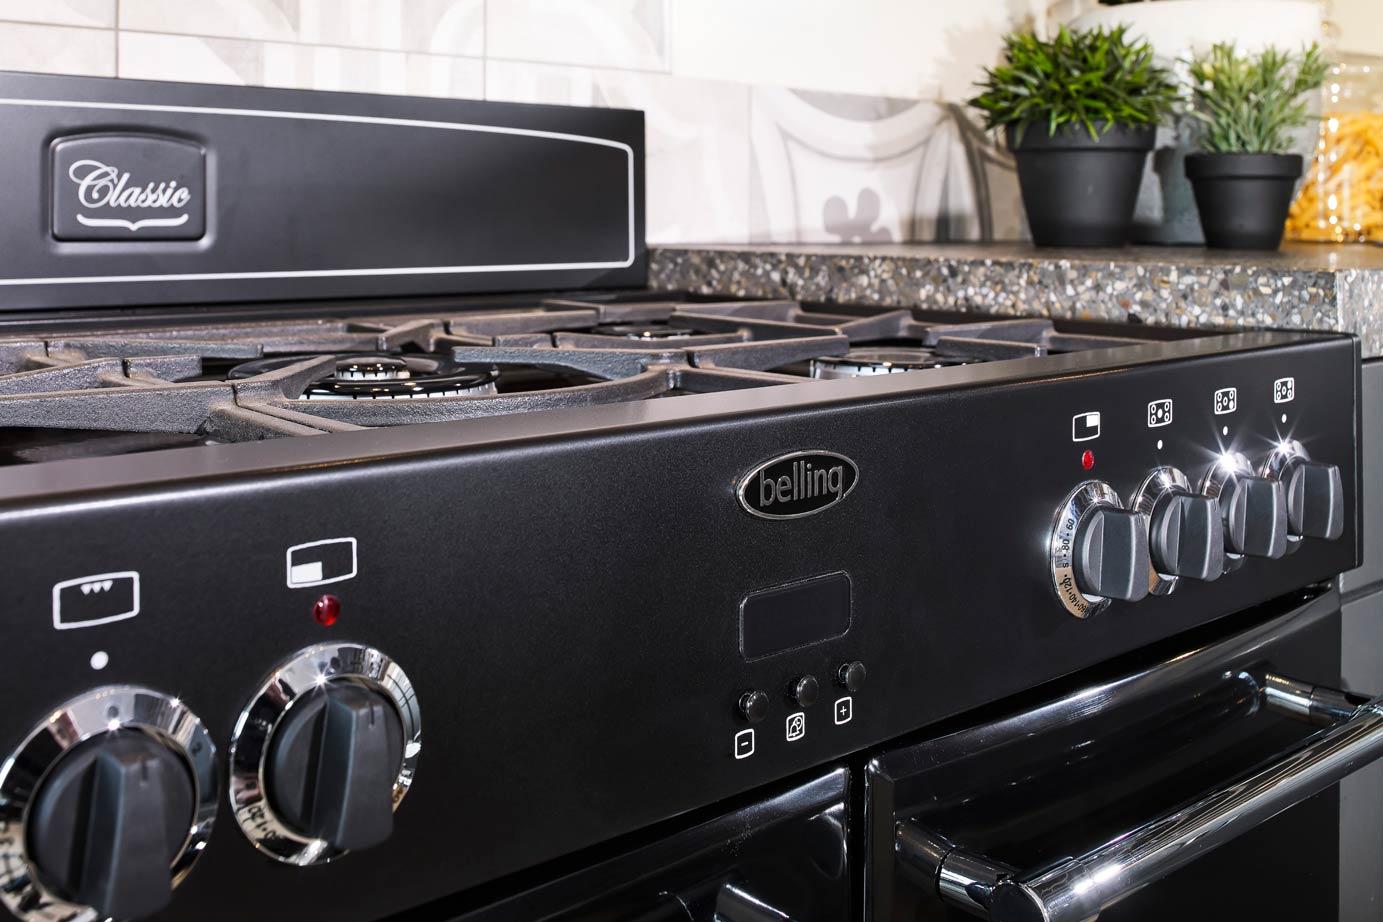 Zwart Keuken Fornuis : Zwarte landelijke hoekkeuken met fornuis db keukens